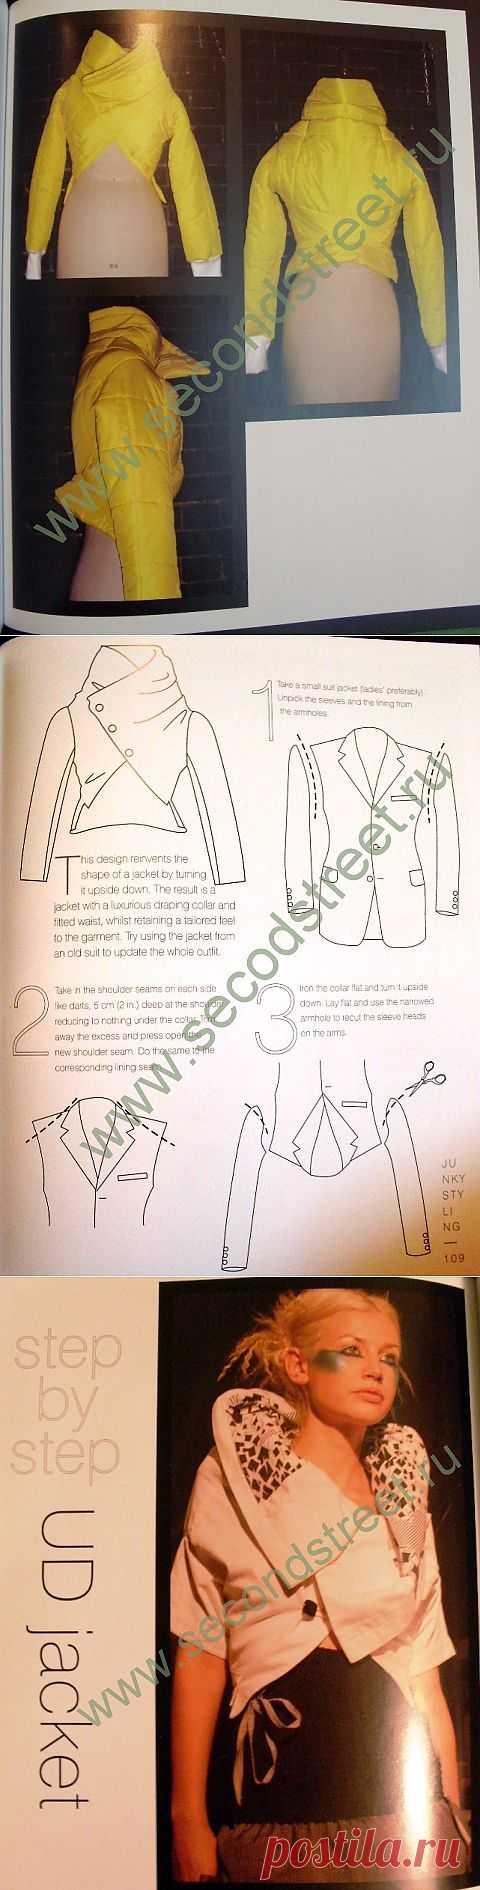 Кастомайзинг, переделка куртки / Курточные переделки / Модный сайт о стильной переделке одежды и интерьера